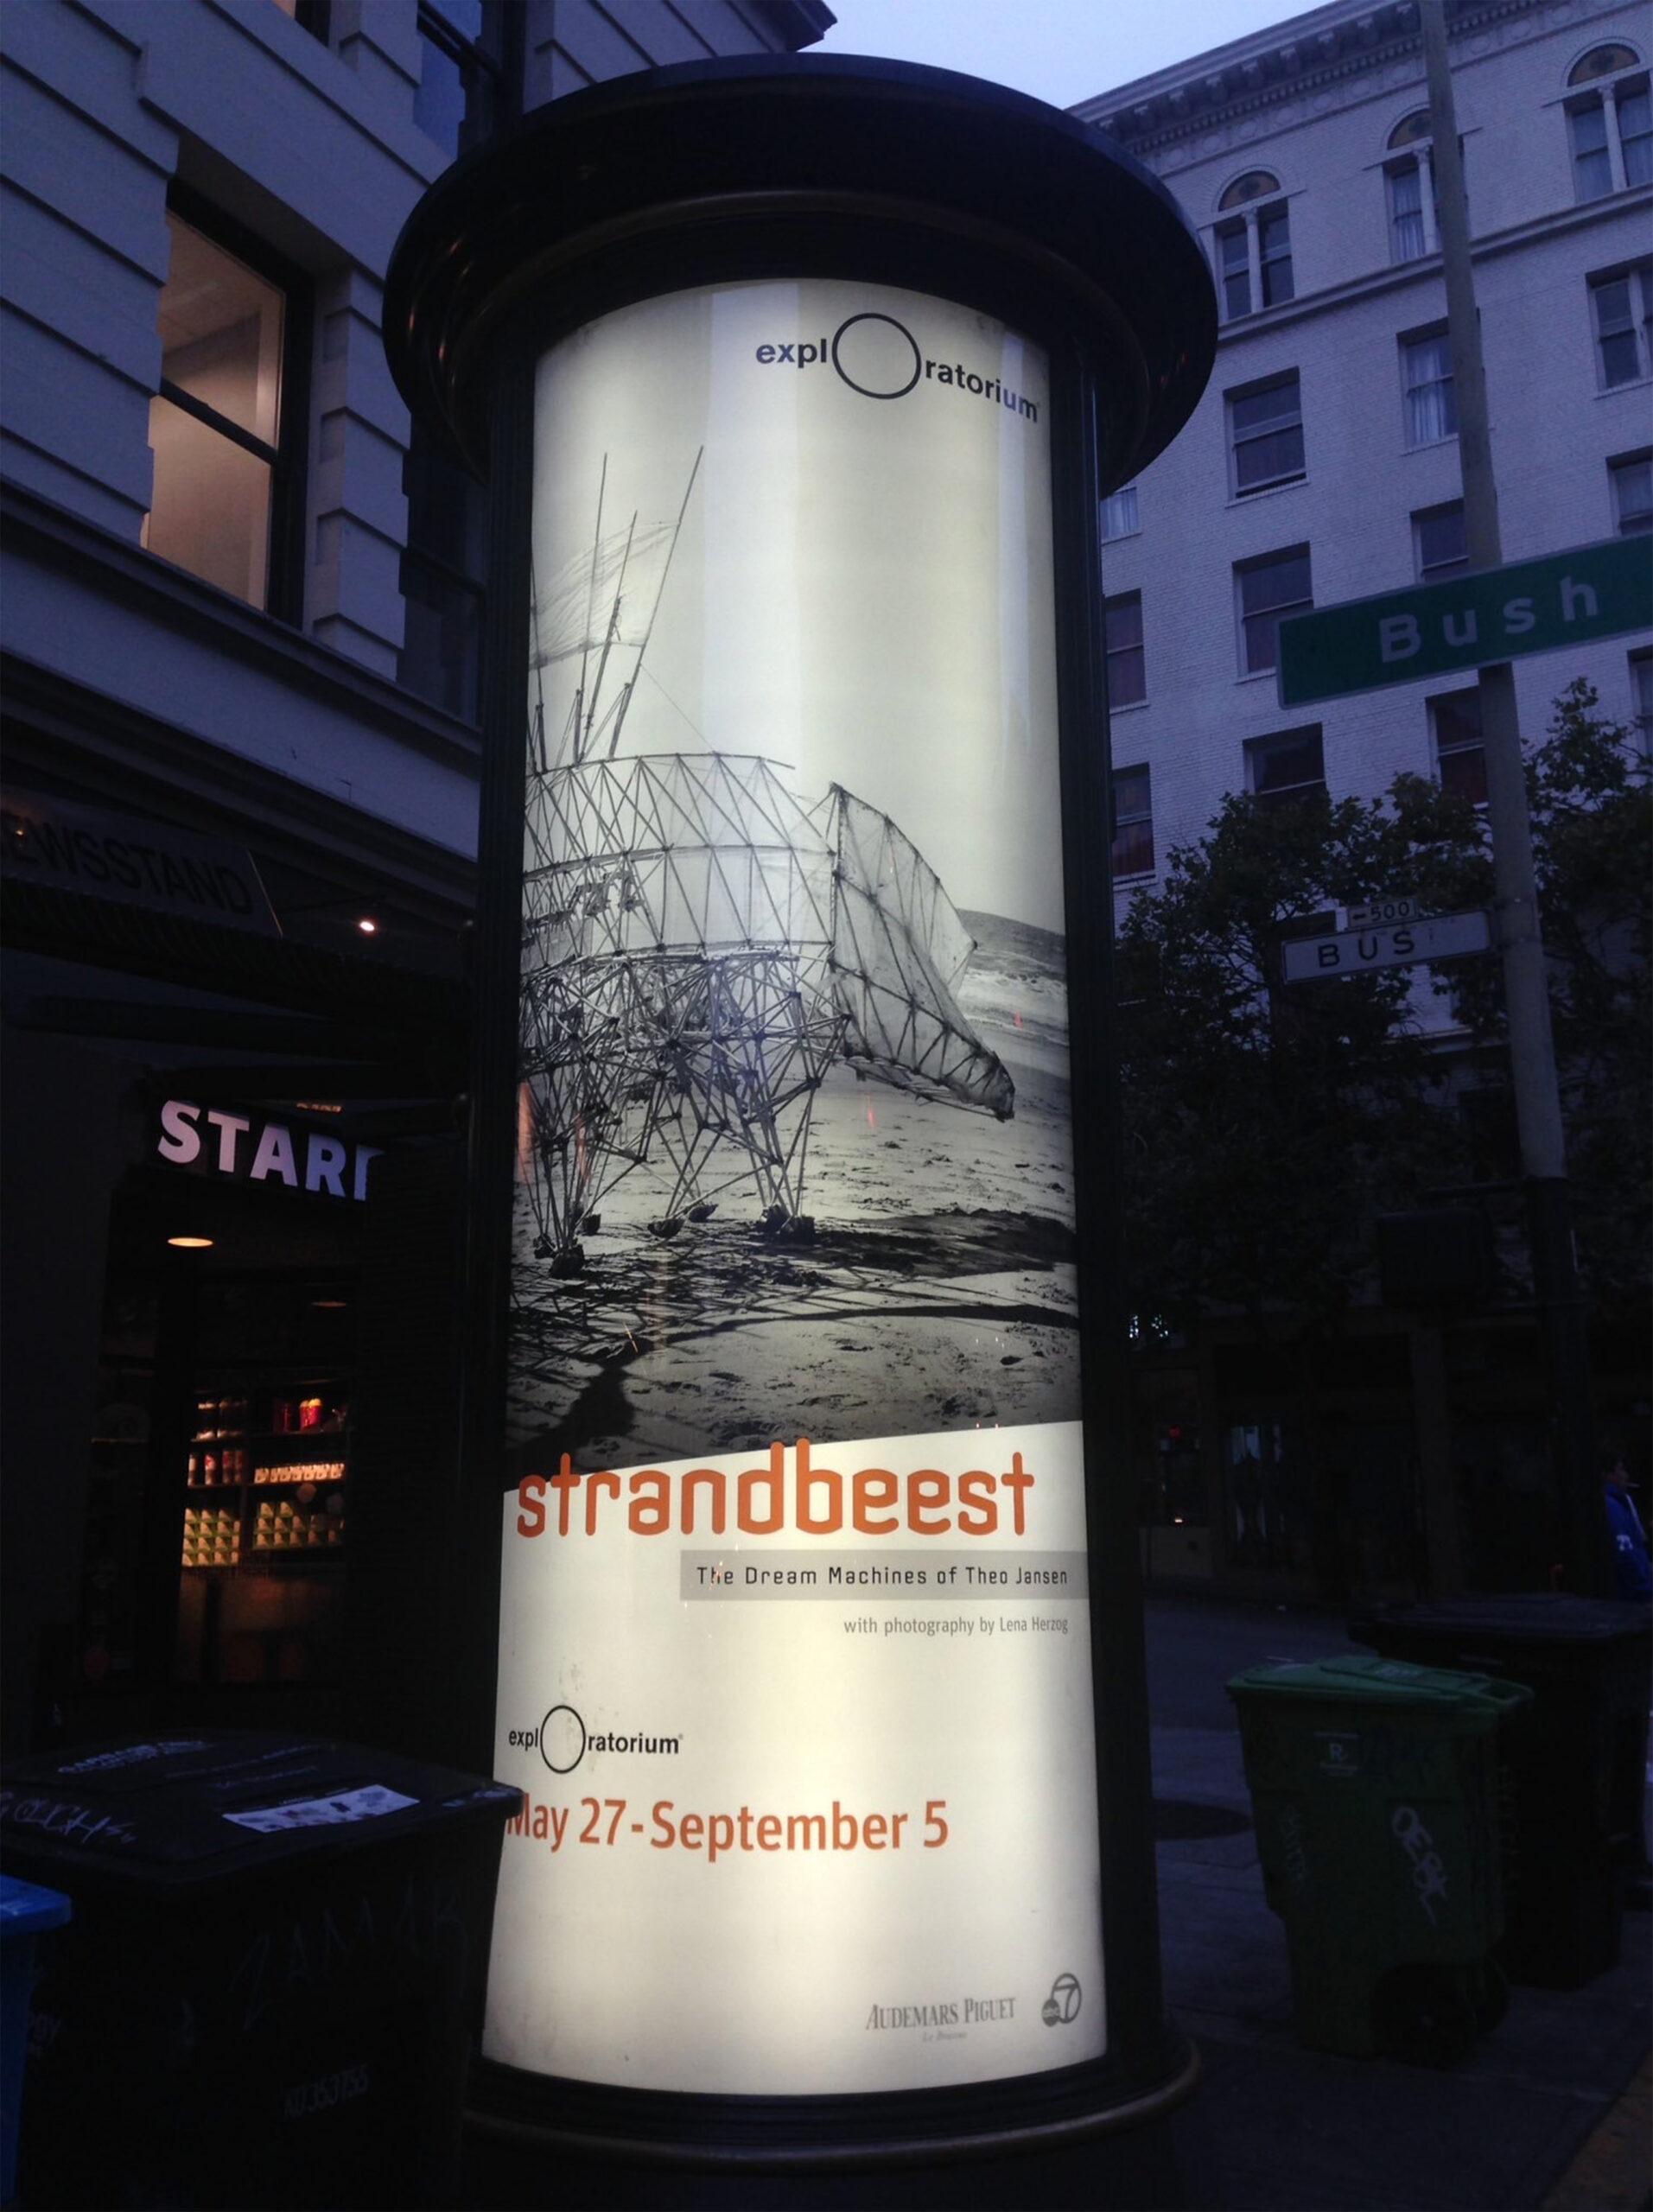 Exploratorium Strandbeest OOH